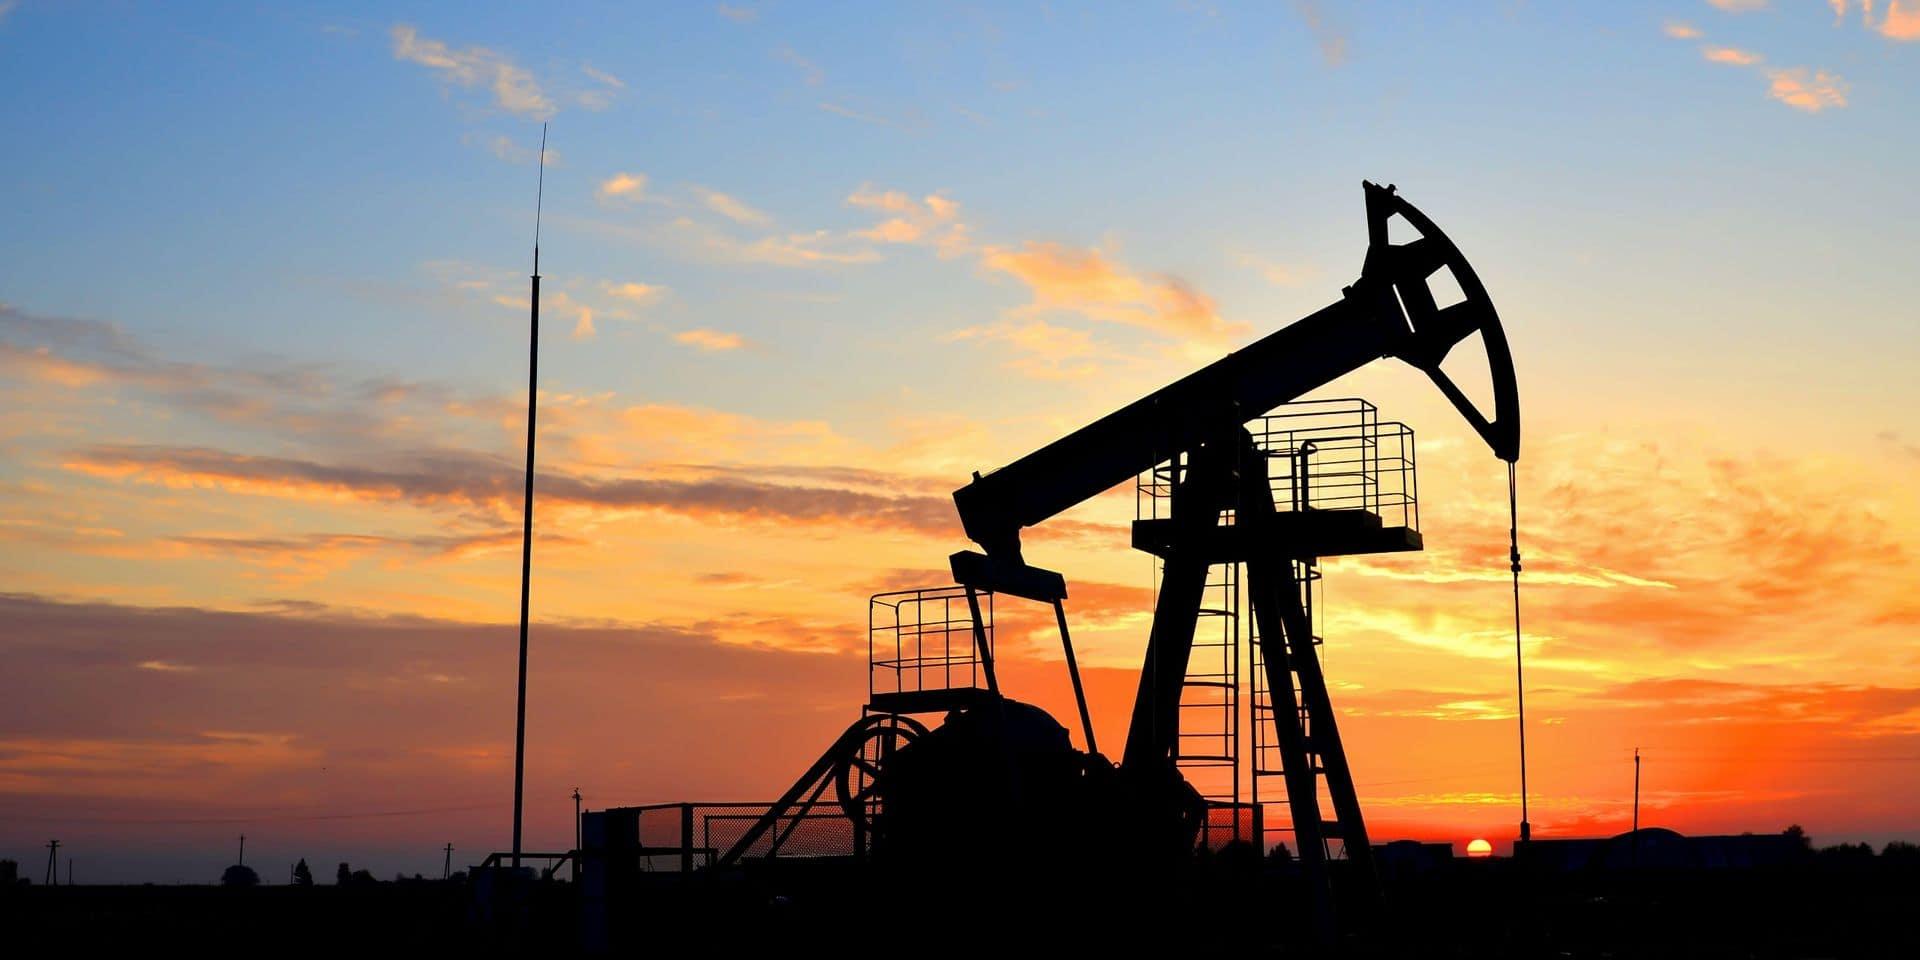 Le pétrole accélère sa hausse après de bons chiffres aux Etats-Unis